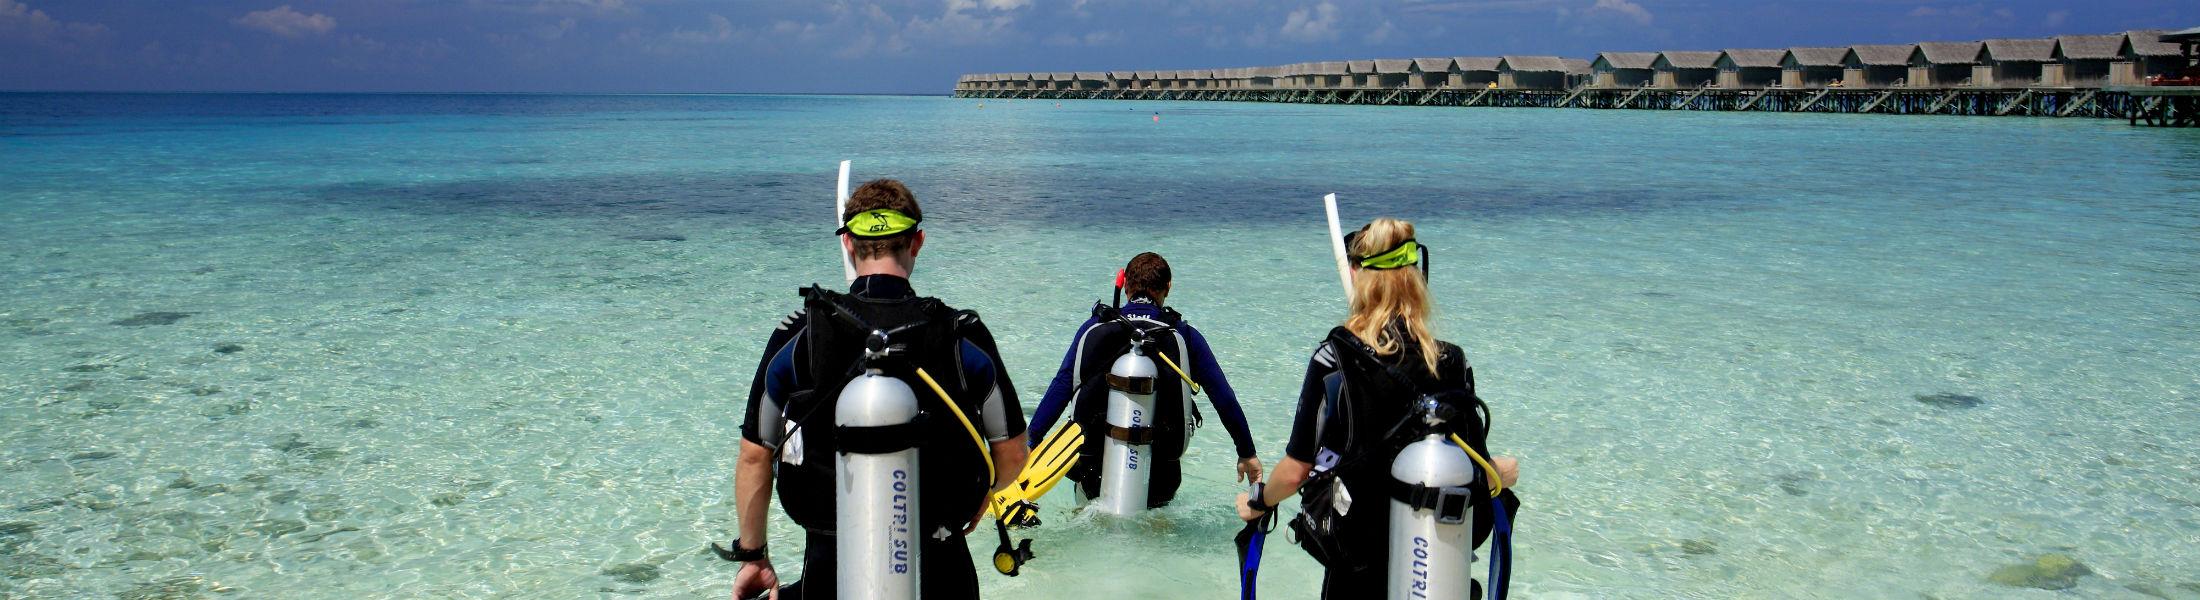 scuba diving at the Centara Ras Fushi Resort and Spa Maldives